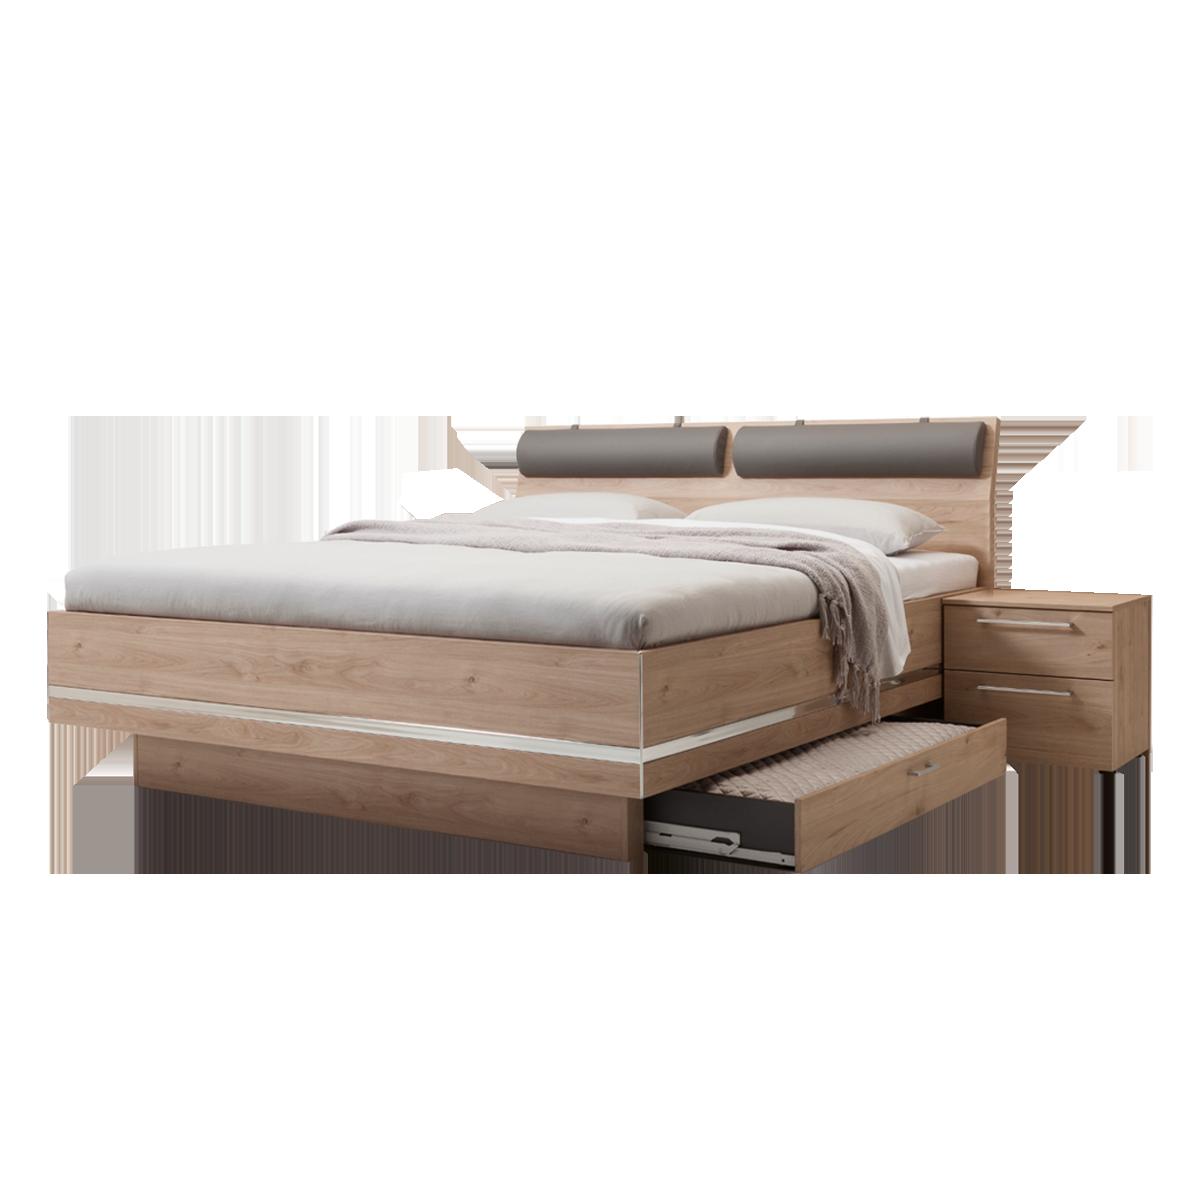 Full Size of Bett 180x200 Bettkasten 59ced2904f8f7 Mit Betten Weiß 90x200 Lattenrost Luxus überlänge 100x200 Modern Design Kopfteil Für Metall Sonoma Eiche 140x200 Bett Bett 180x200 Bettkasten